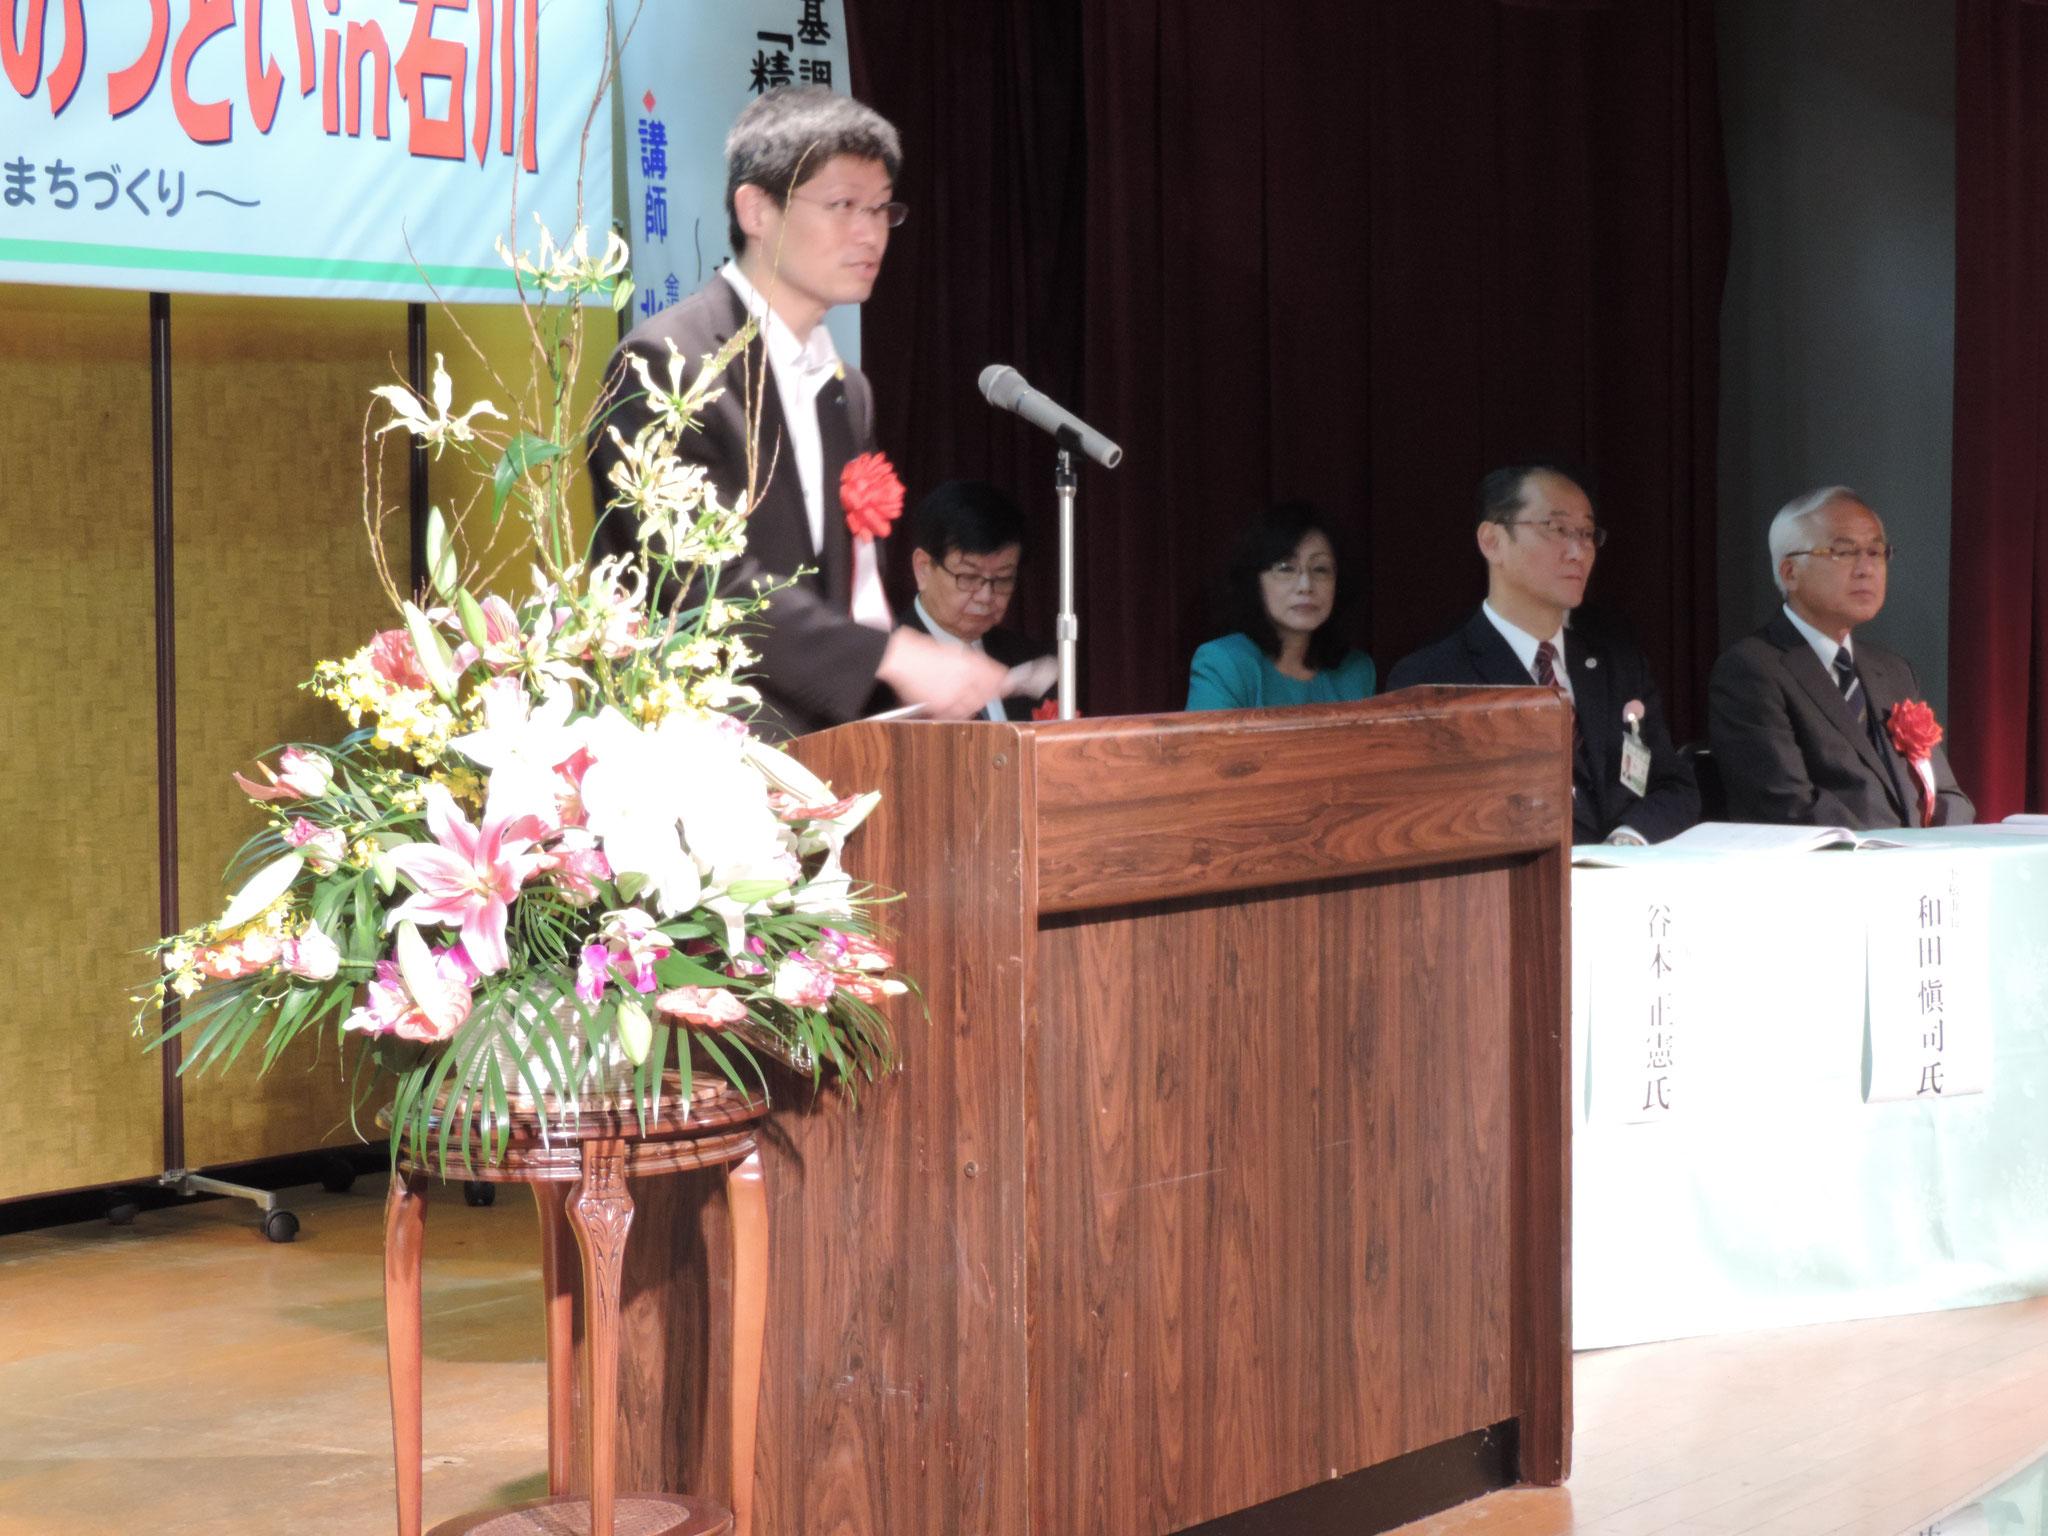 石川県健康福祉部次長の片岡様の御祝辞です。